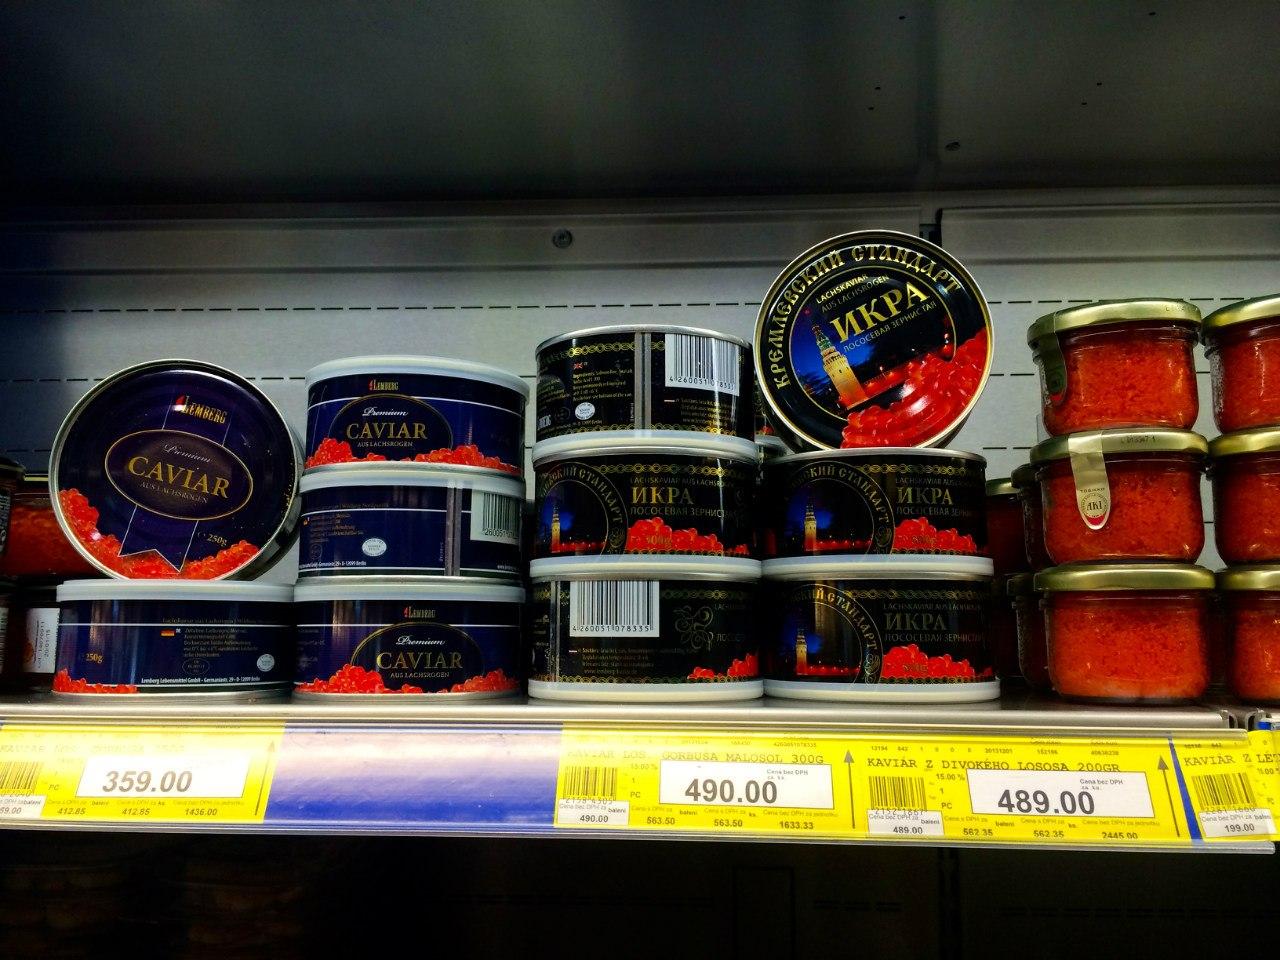 Мои любимые устрицы 9 евро за килограмм (а это надо знать!?)))) http://cs617725.vk.me/v617725168/c1ee/wApk6DOD72Q.jpg